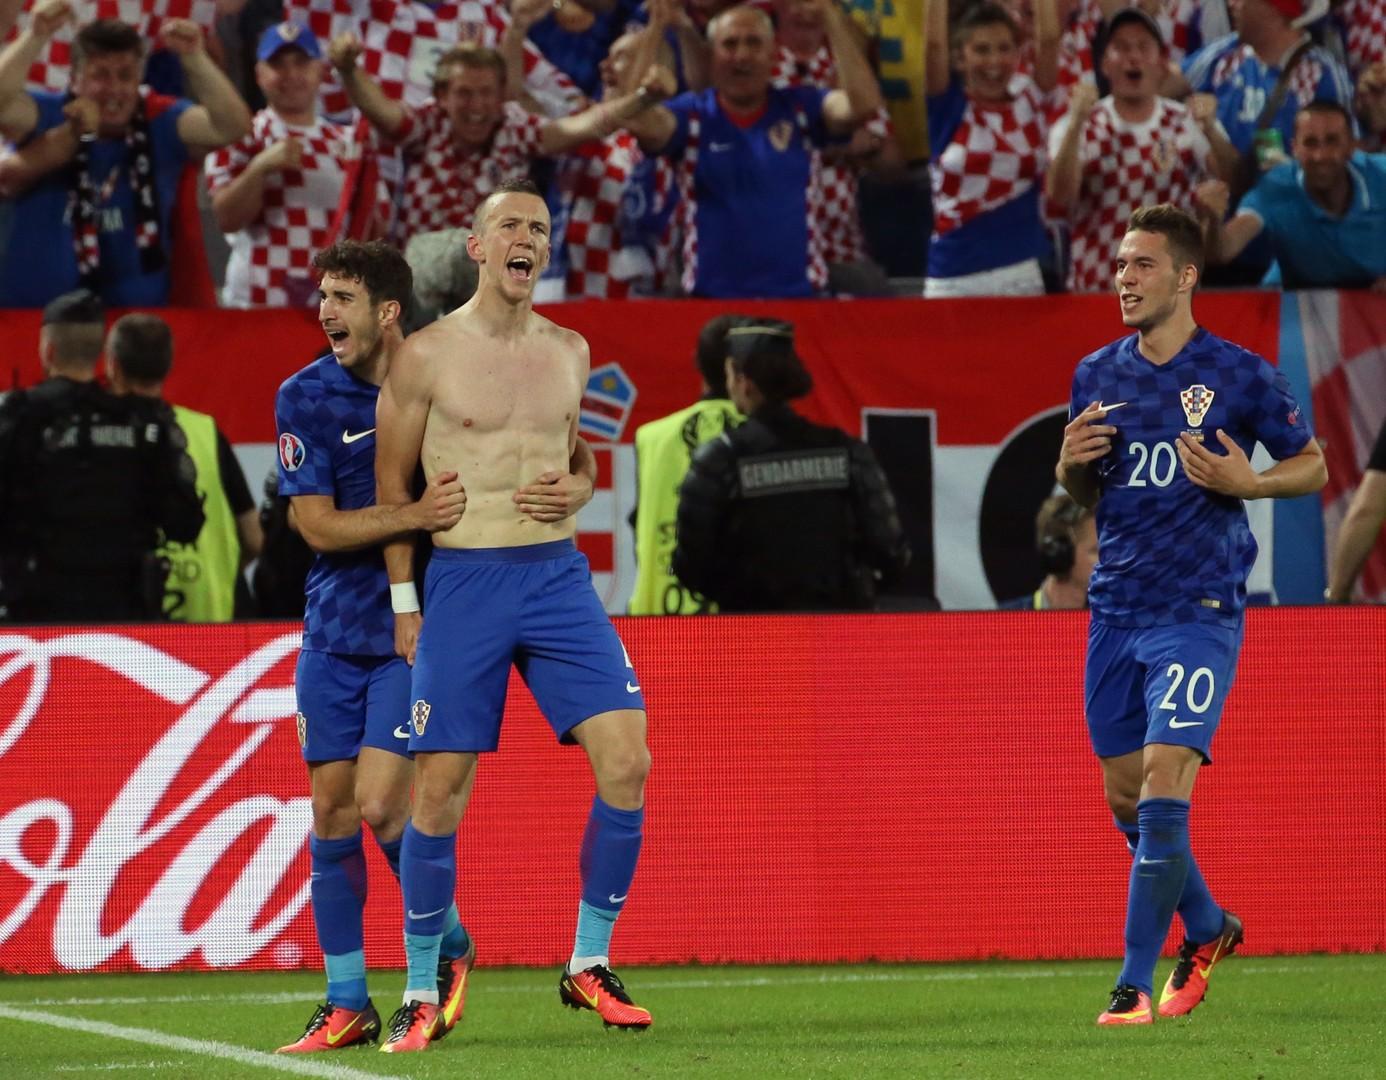 Сборная Хорватии победила испанцев и вышла в 1/8 финала Евро-2016 с первого места в группе